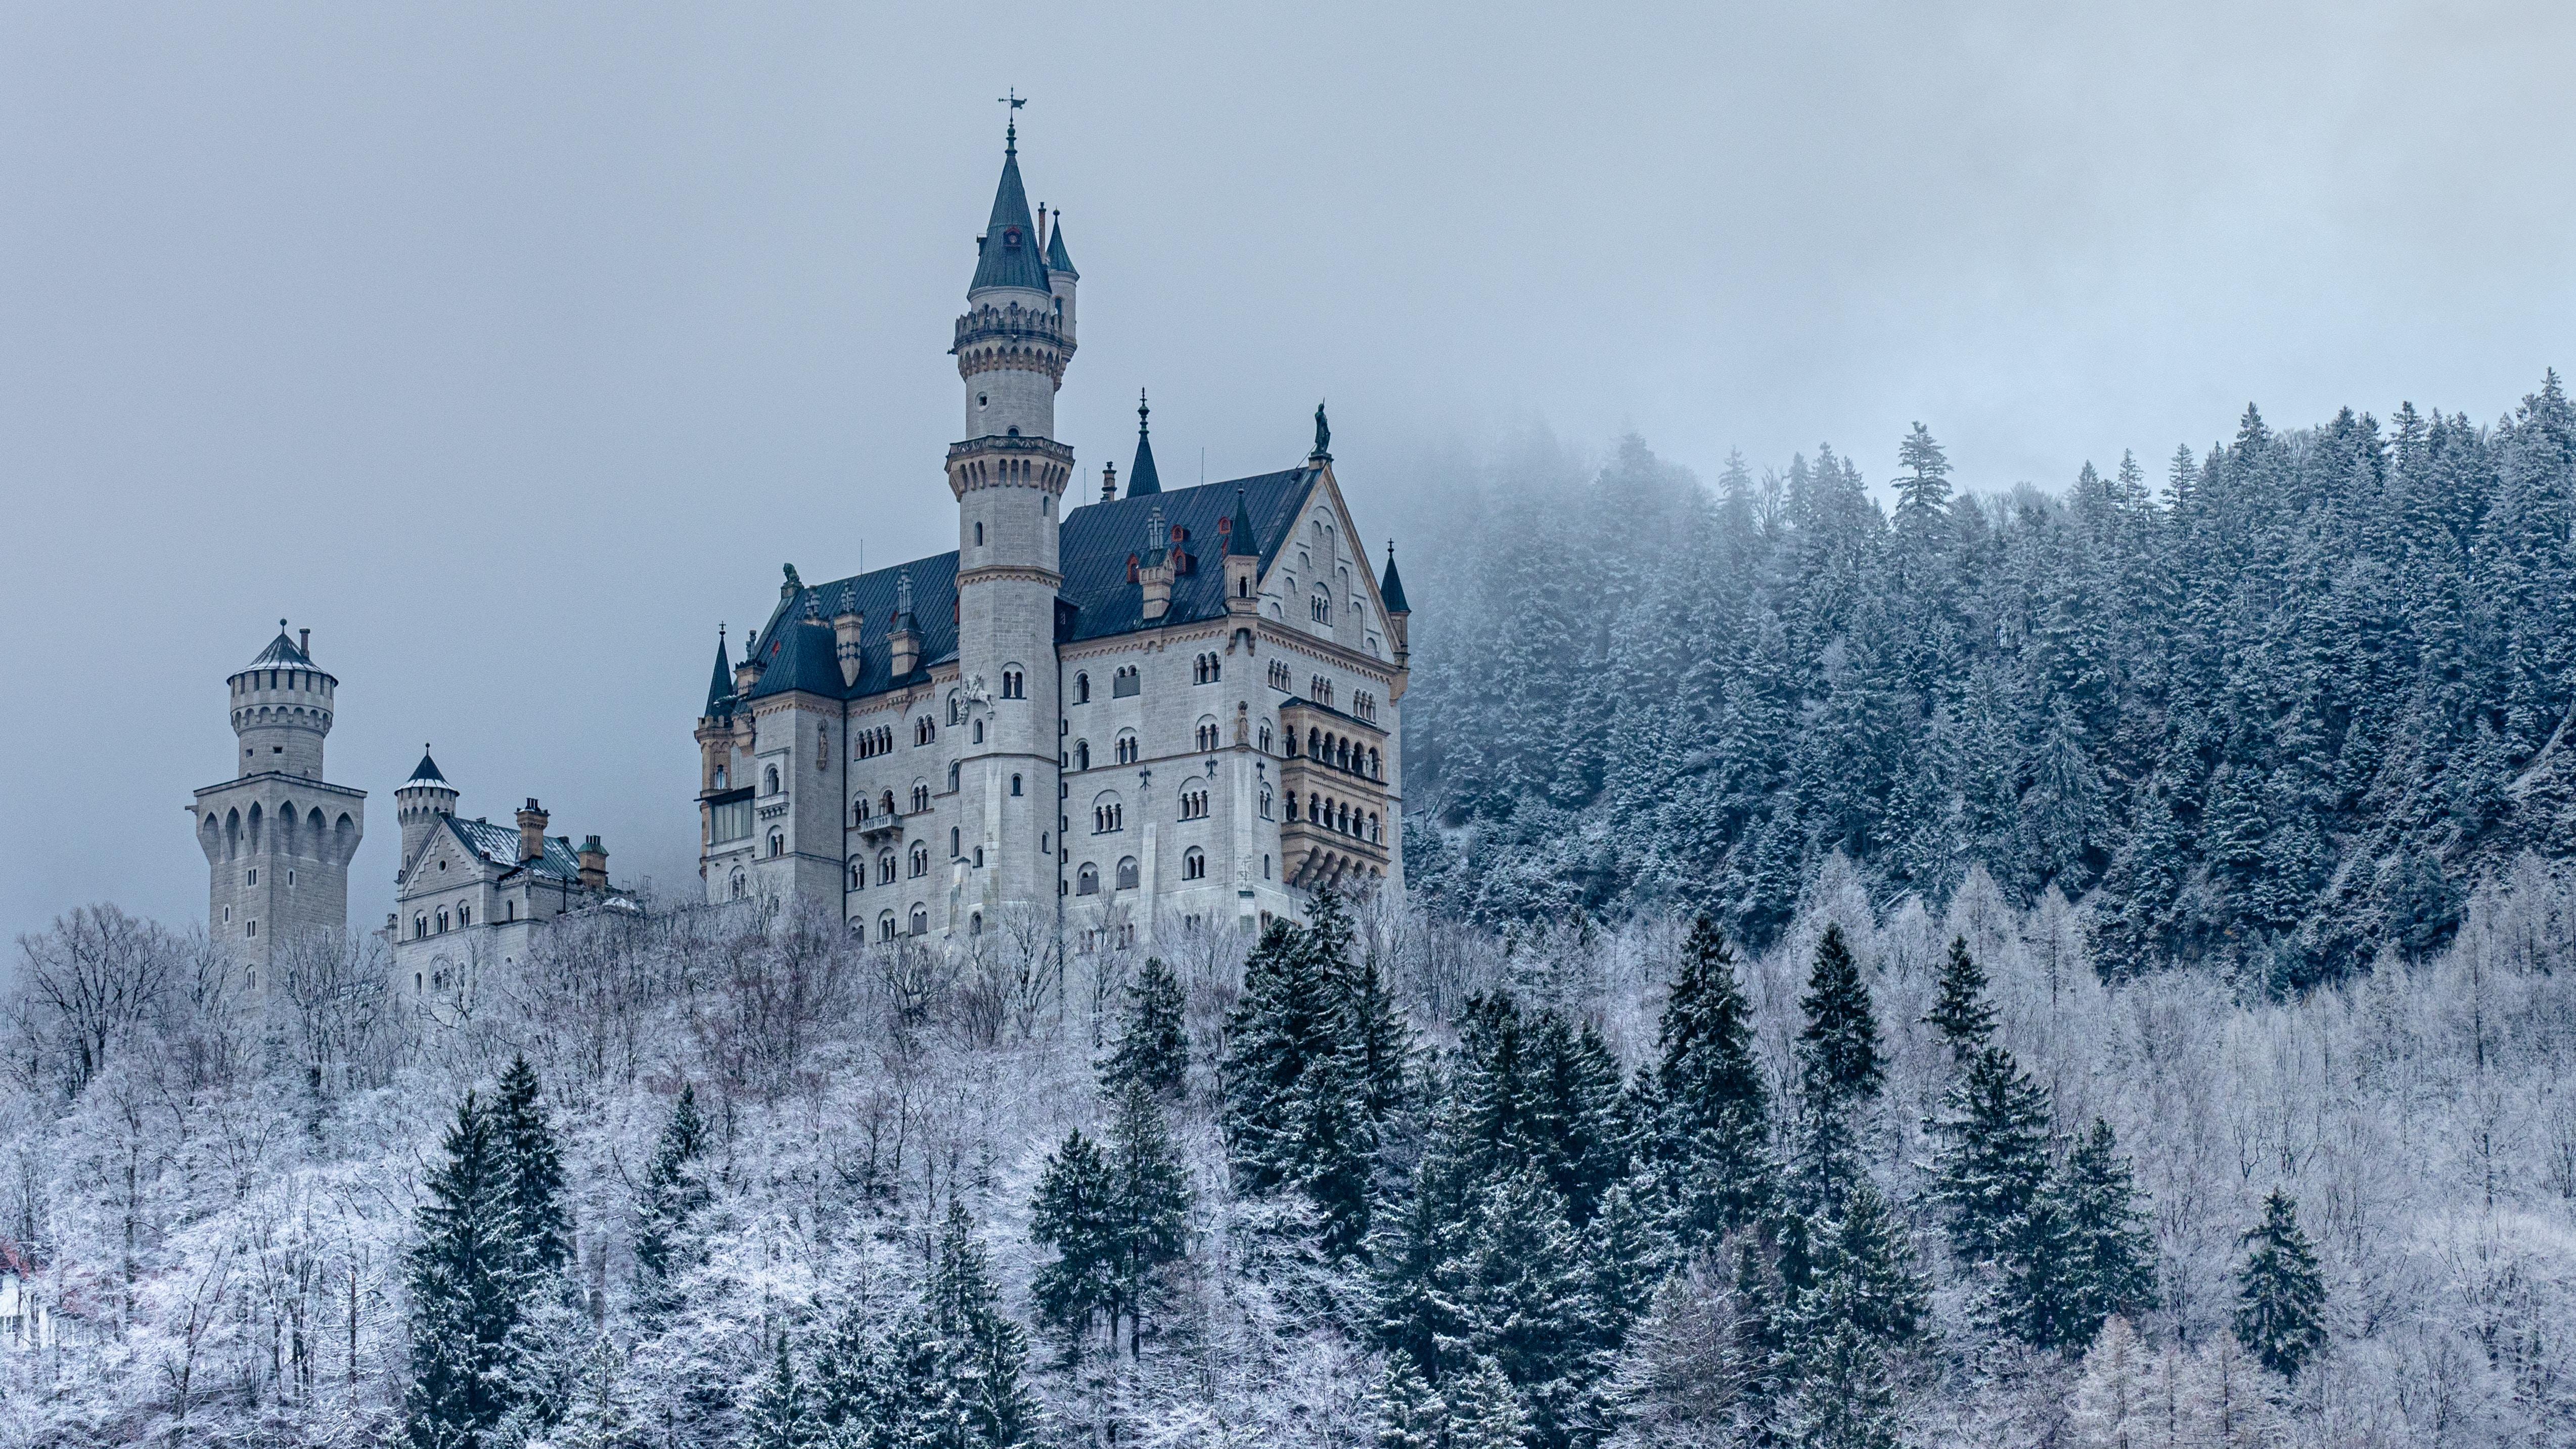 52769 скачать обои Архитектура, Зима, Снег, Замок, Разное, Лес - заставки и картинки бесплатно